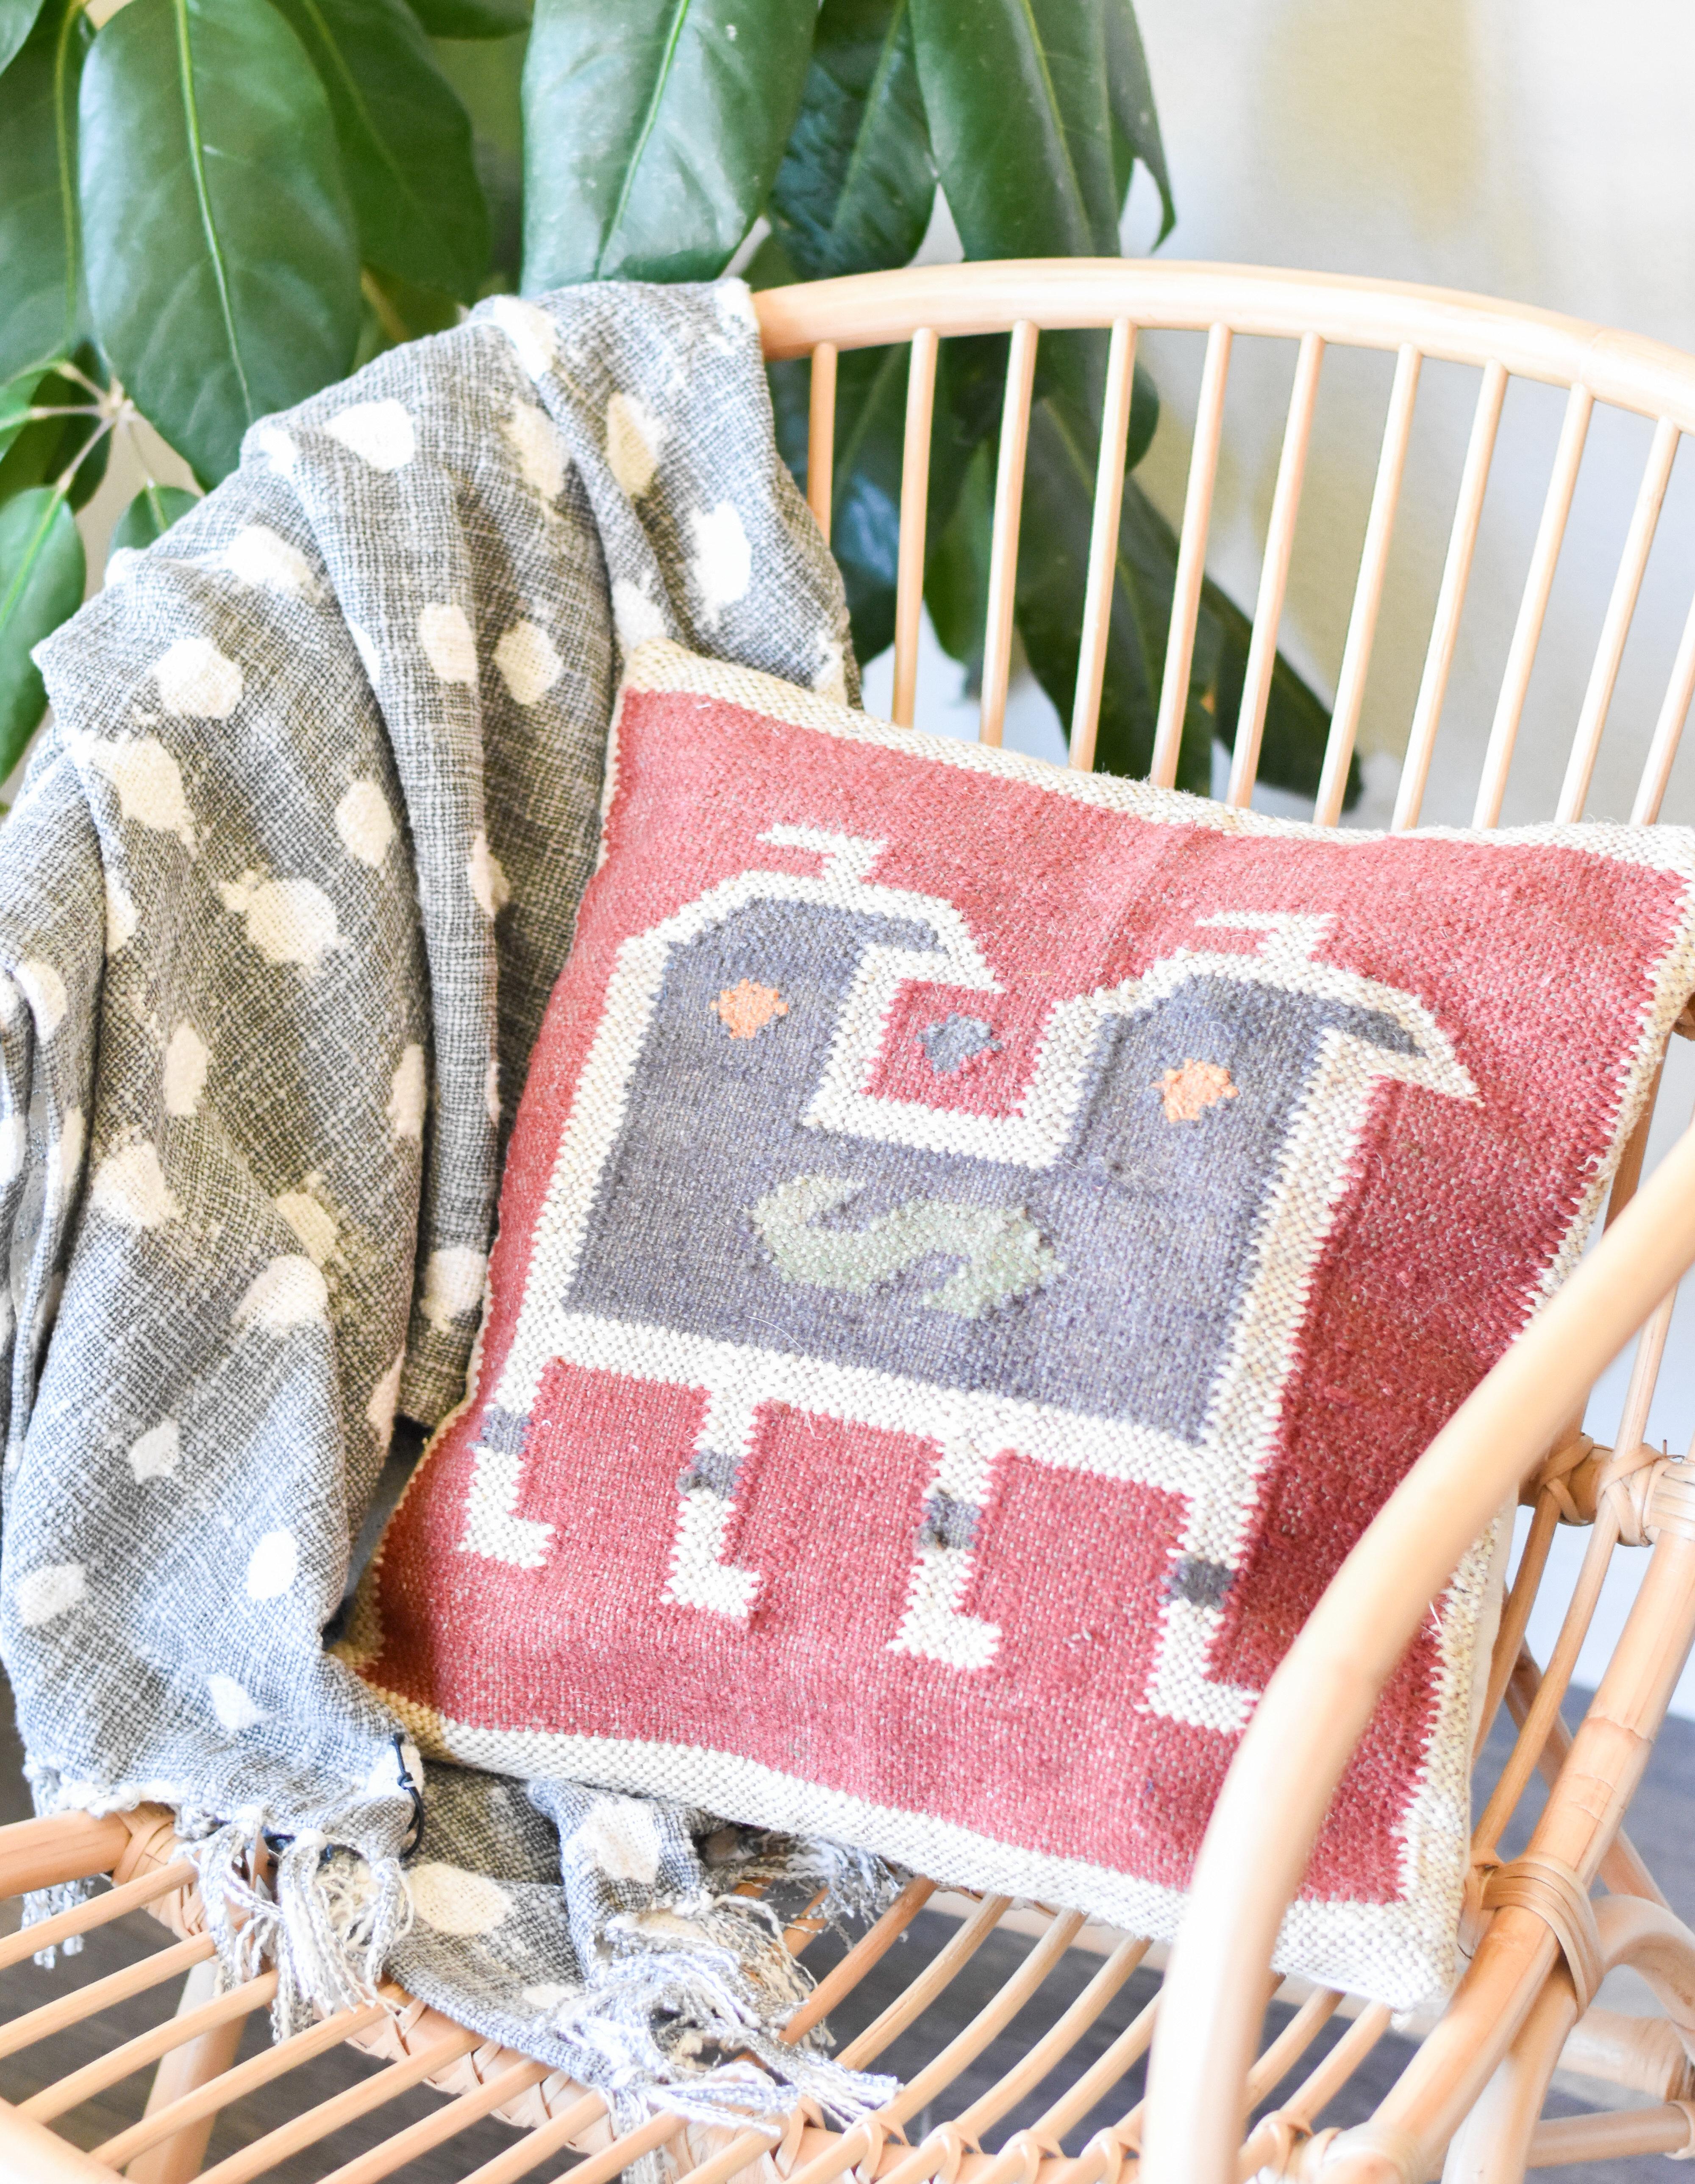 Square Kilim Pillows BGZQJC4VMFFKC